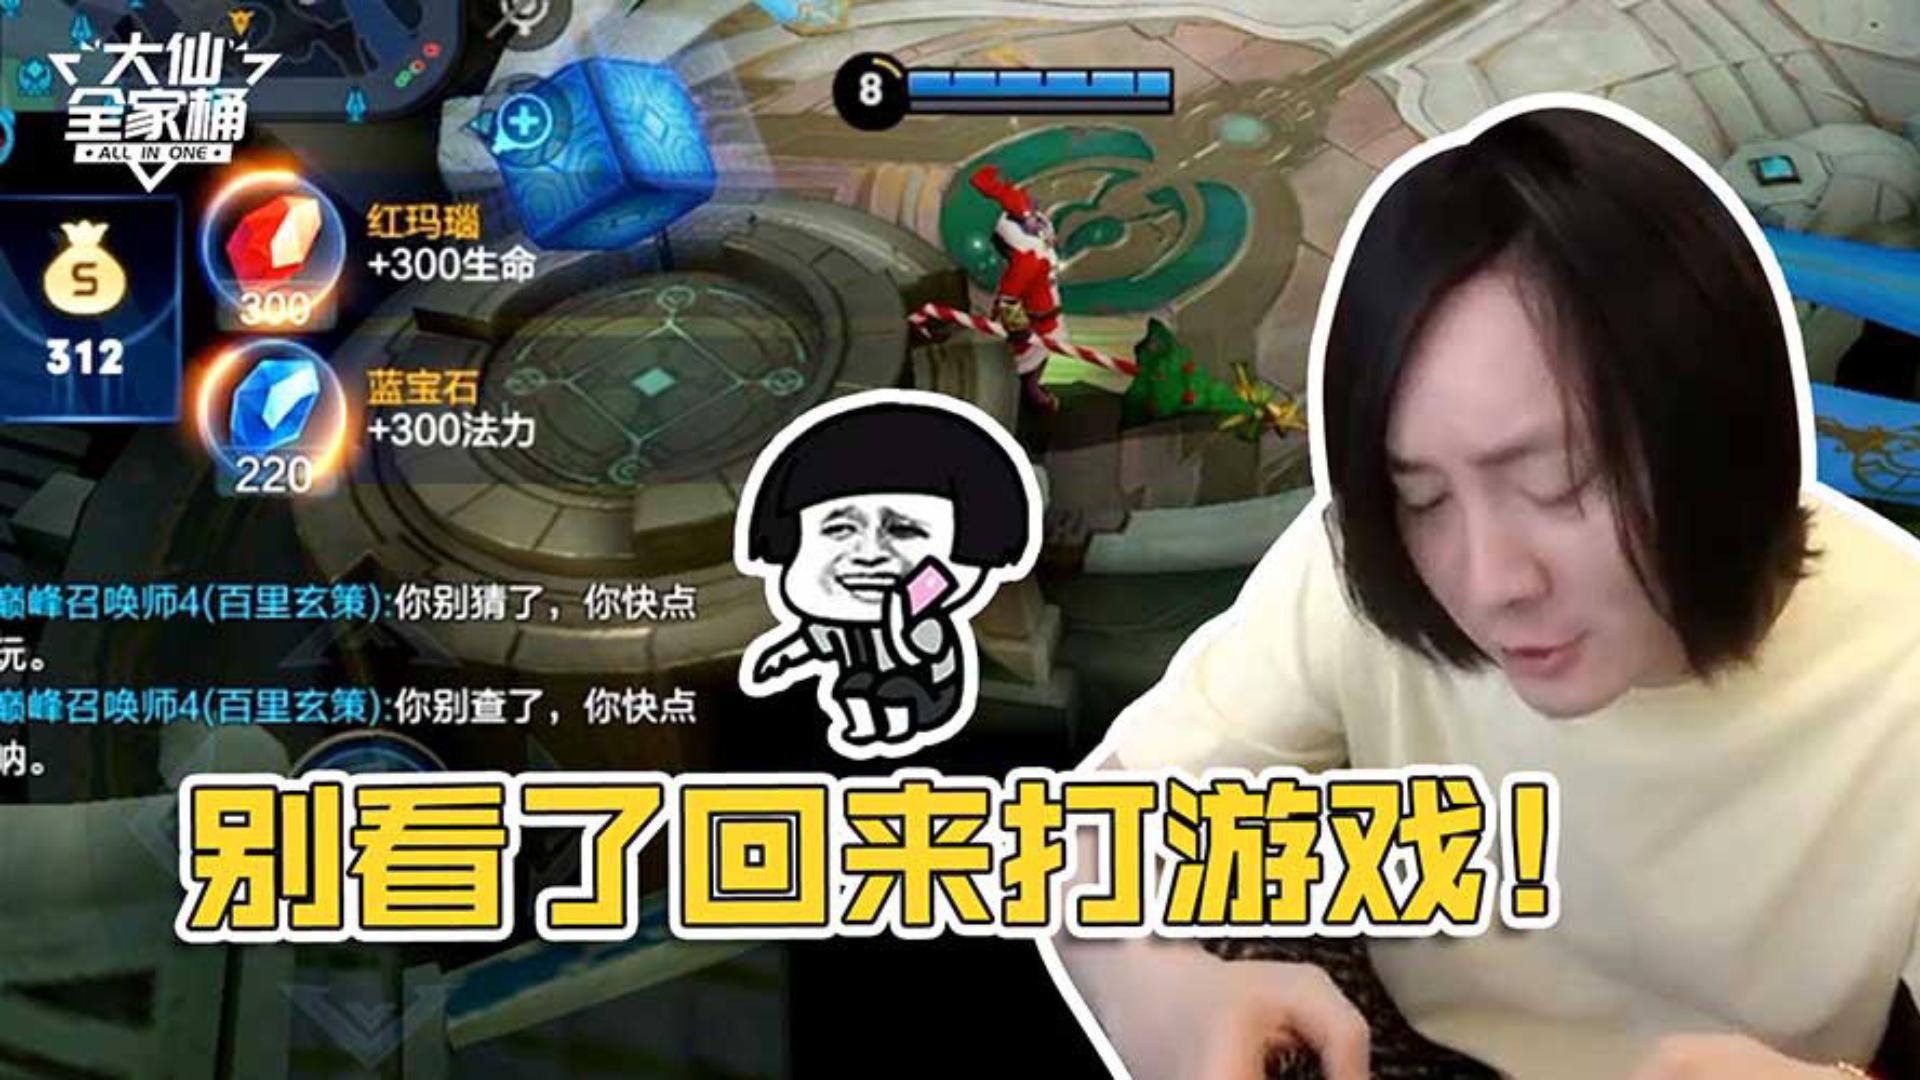 王者荣耀张大仙:玩游戏队友掉线不要怪他,因为他可能去看直播了